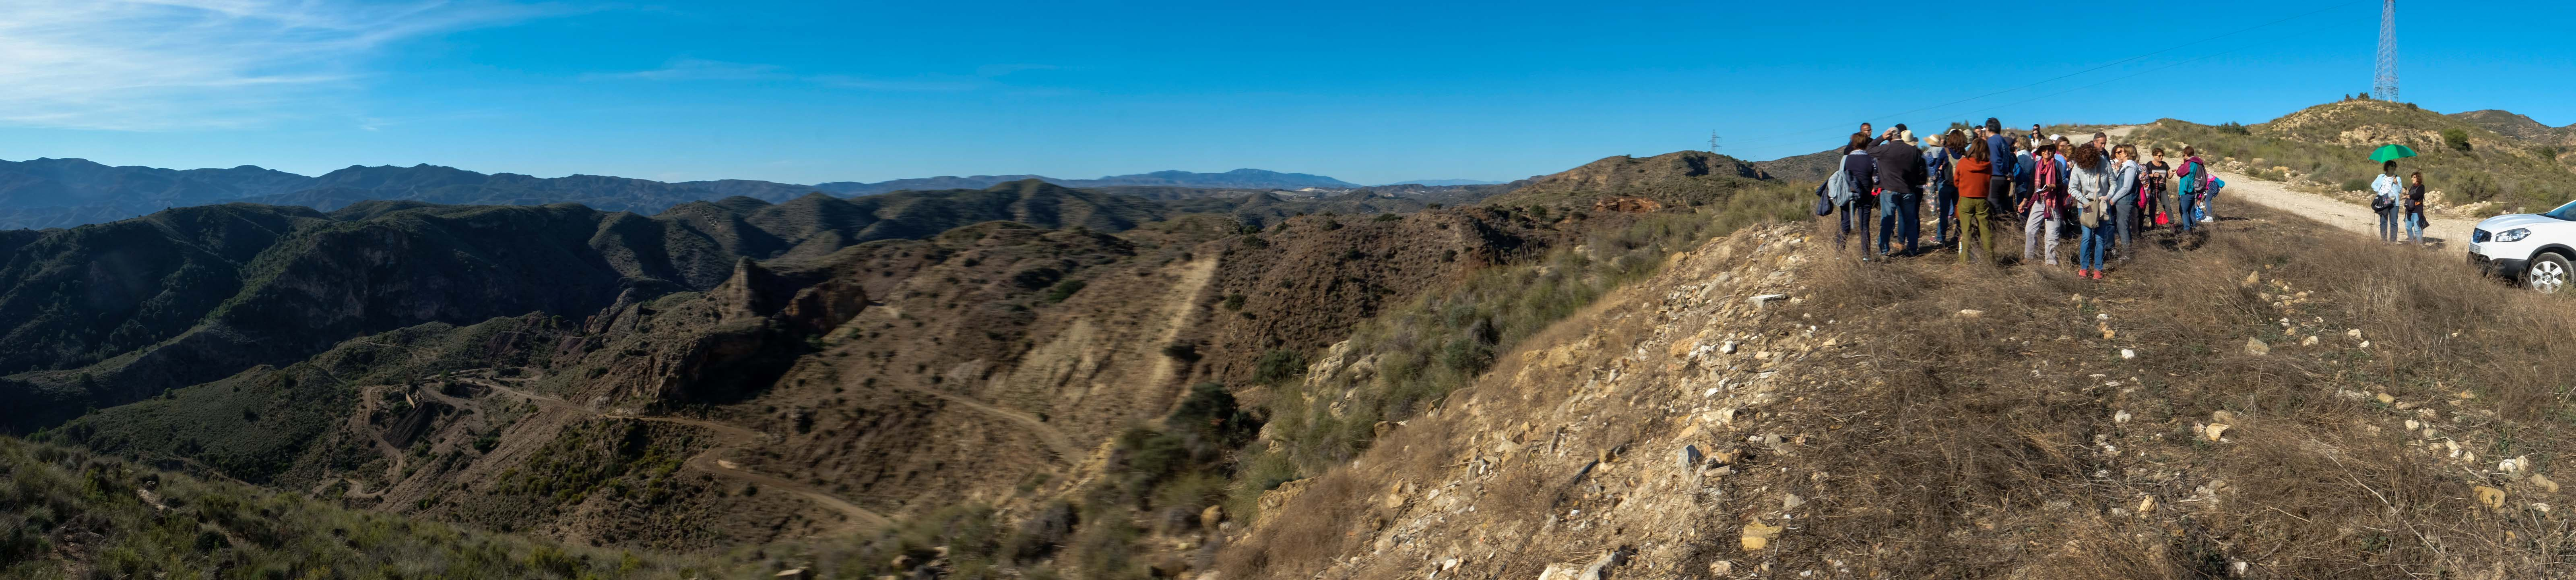 Mirador y ruinas del antiguo complejo minero de San Manuel © Fotografía: Paco Bonilla